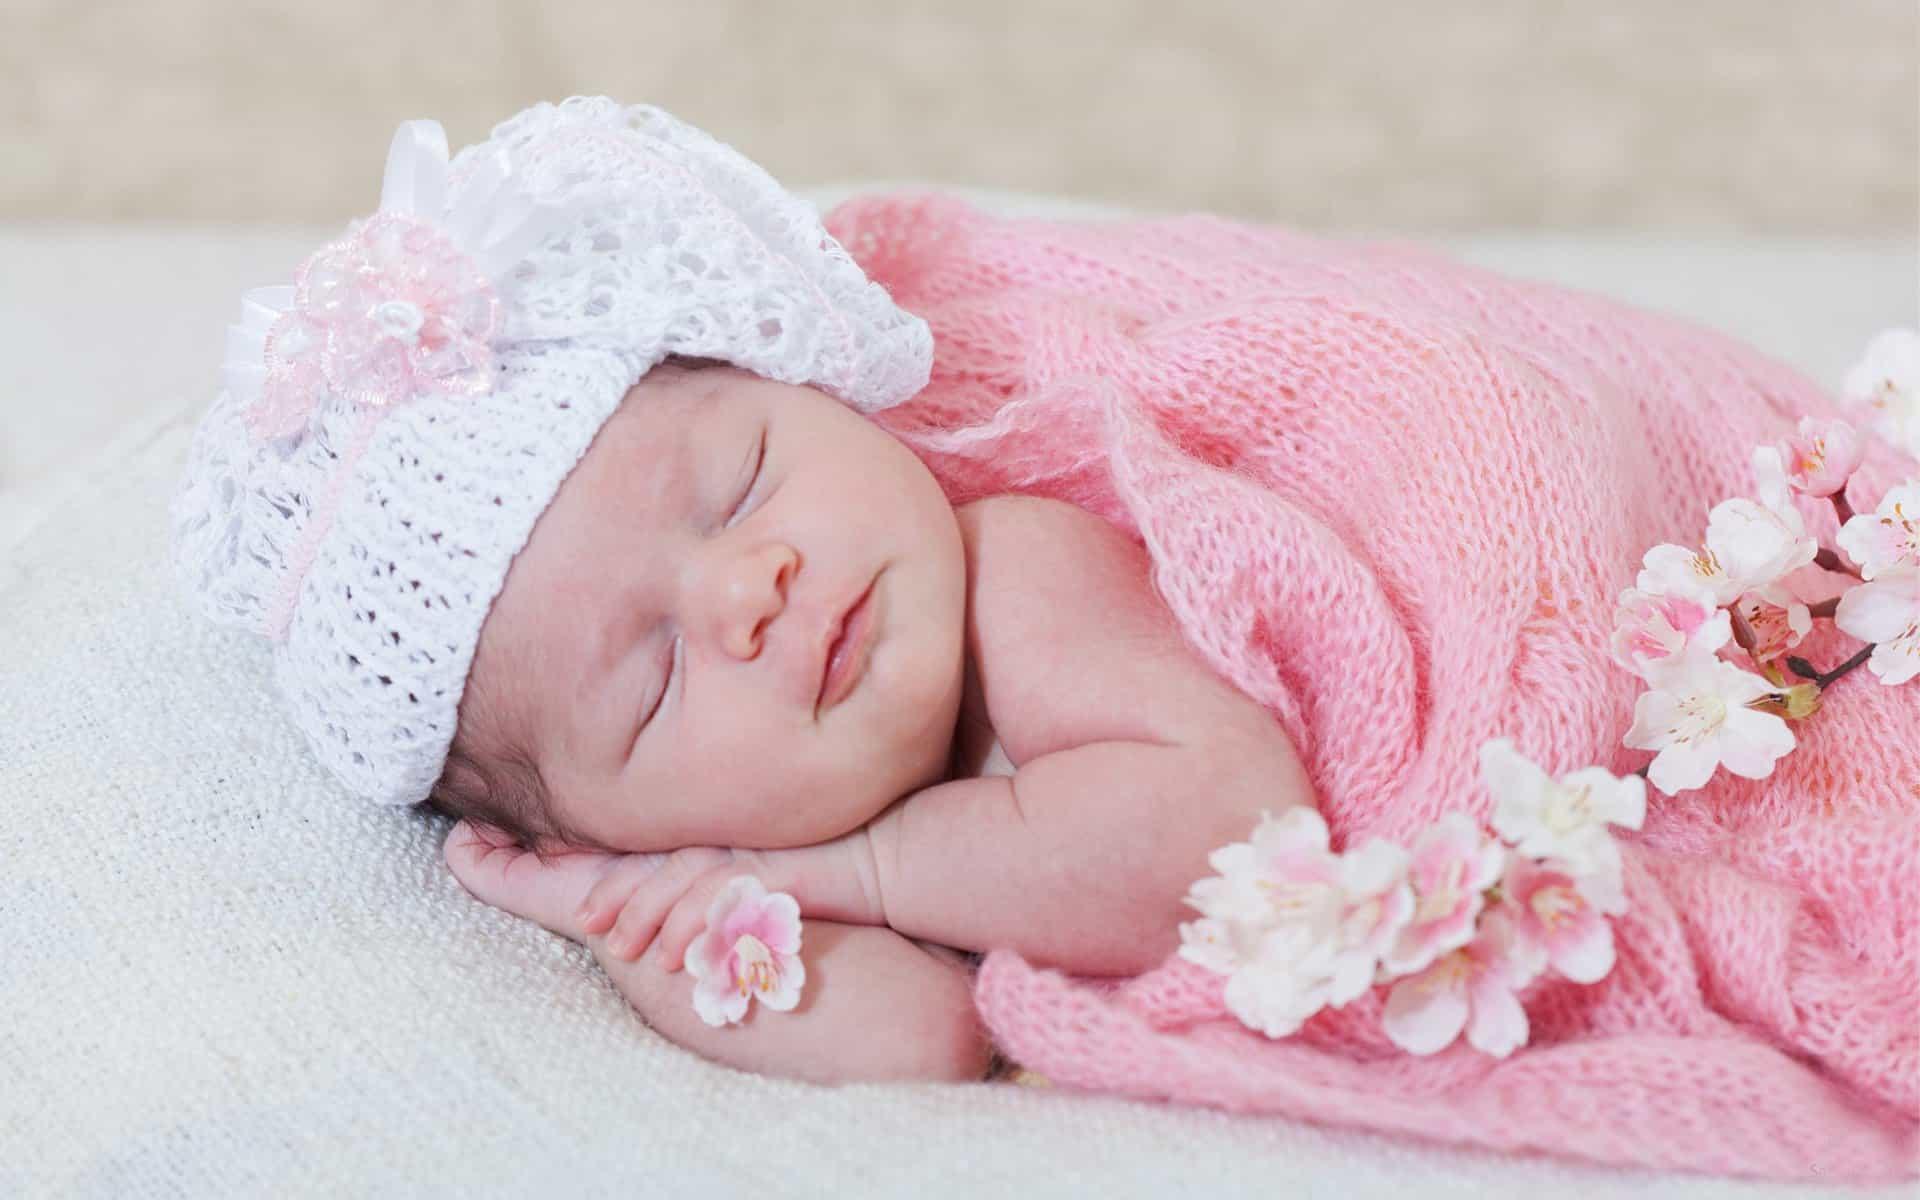 عبارات تهنئة بمولود أنثى